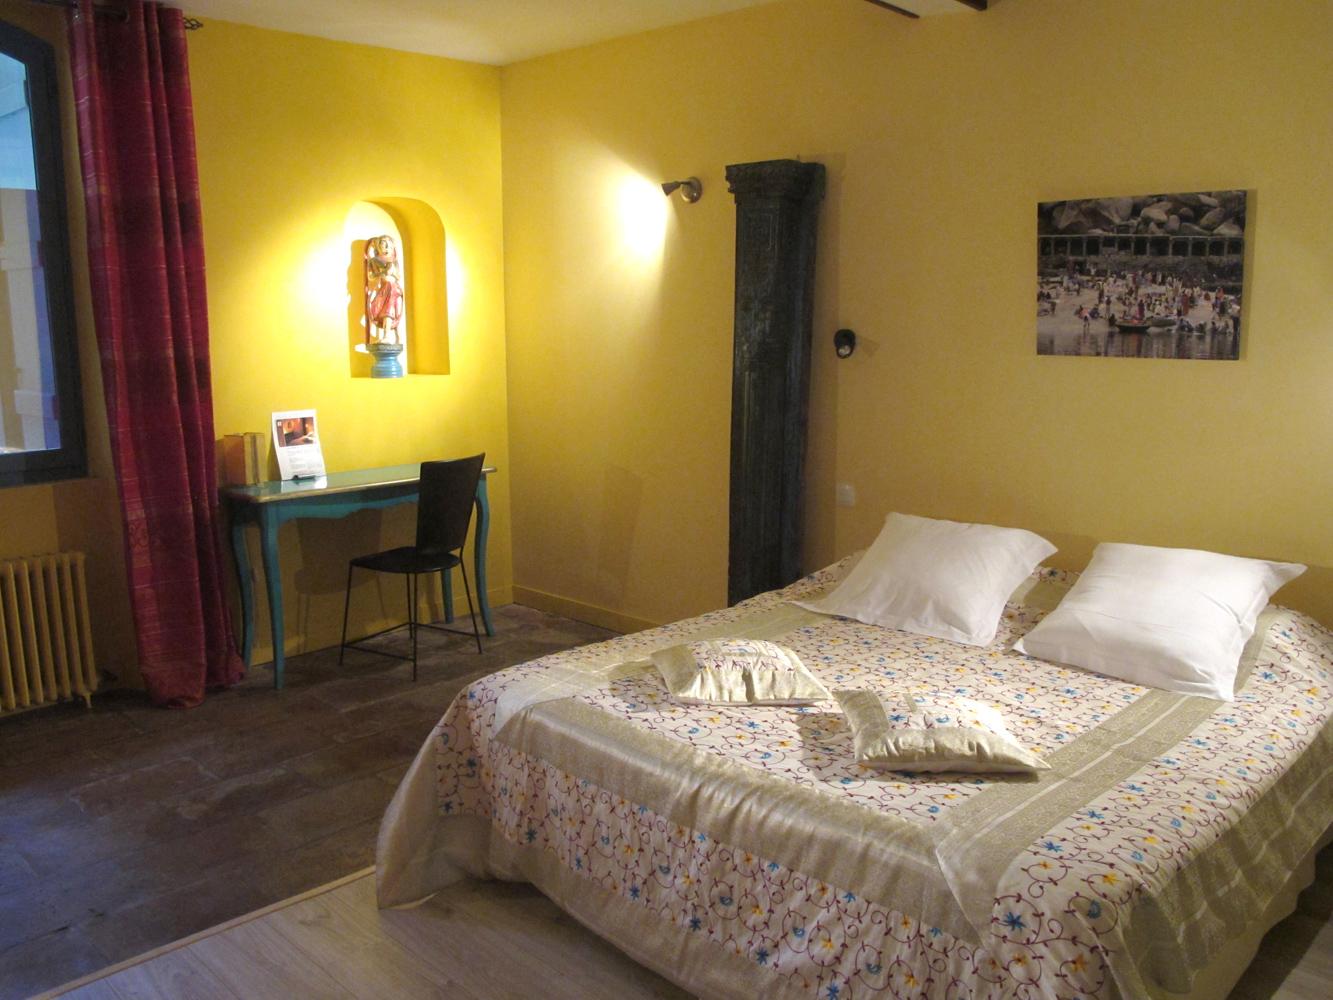 Chambre d 39 h tes anjali une chambre d 39 hotes en haute - Chambre d hotes hautes pyrenees ...